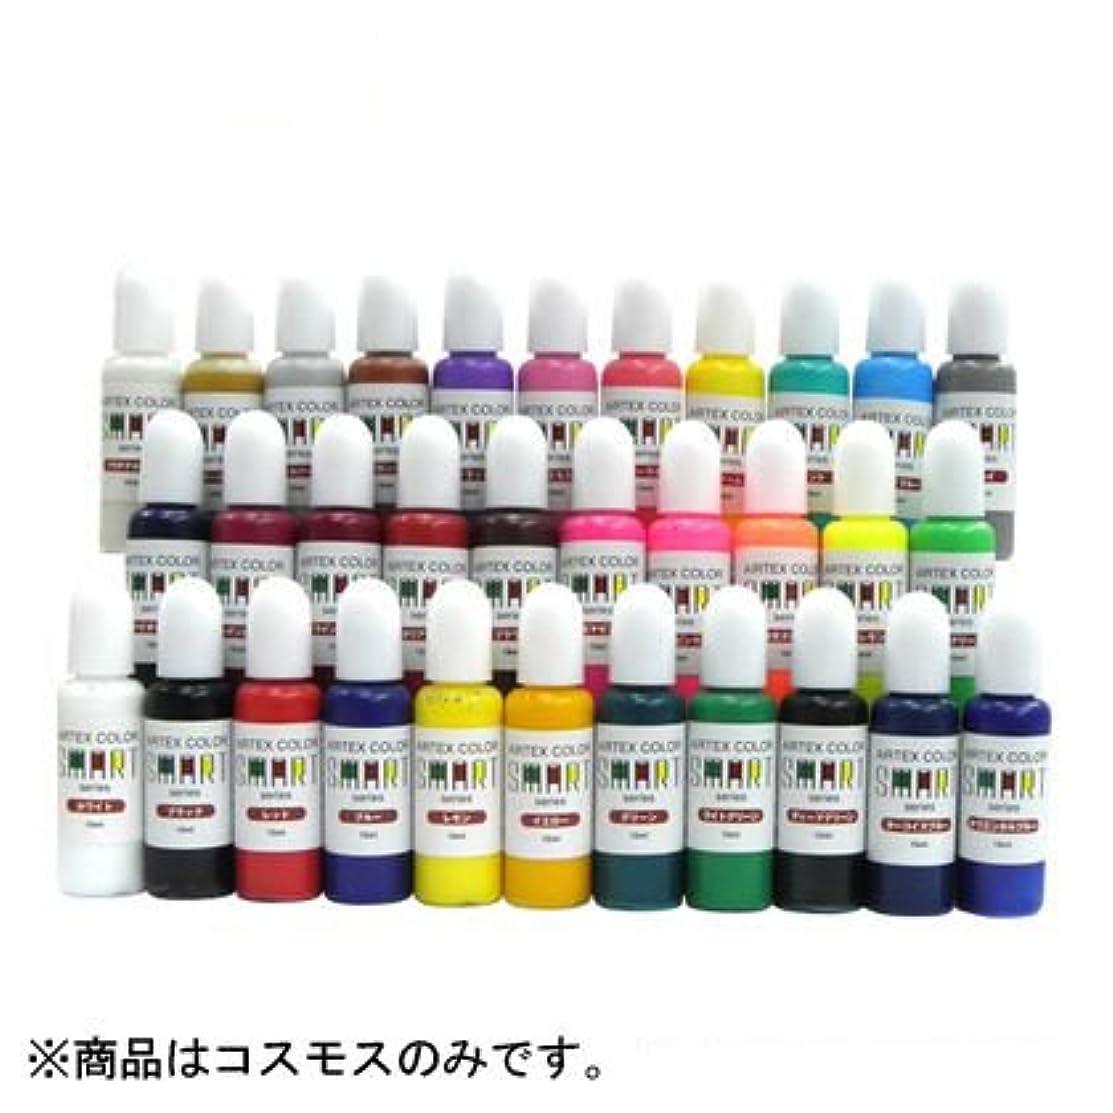 粘着性眉窒息させるエアテックス カラースマートシリーズ コスモス ACS27